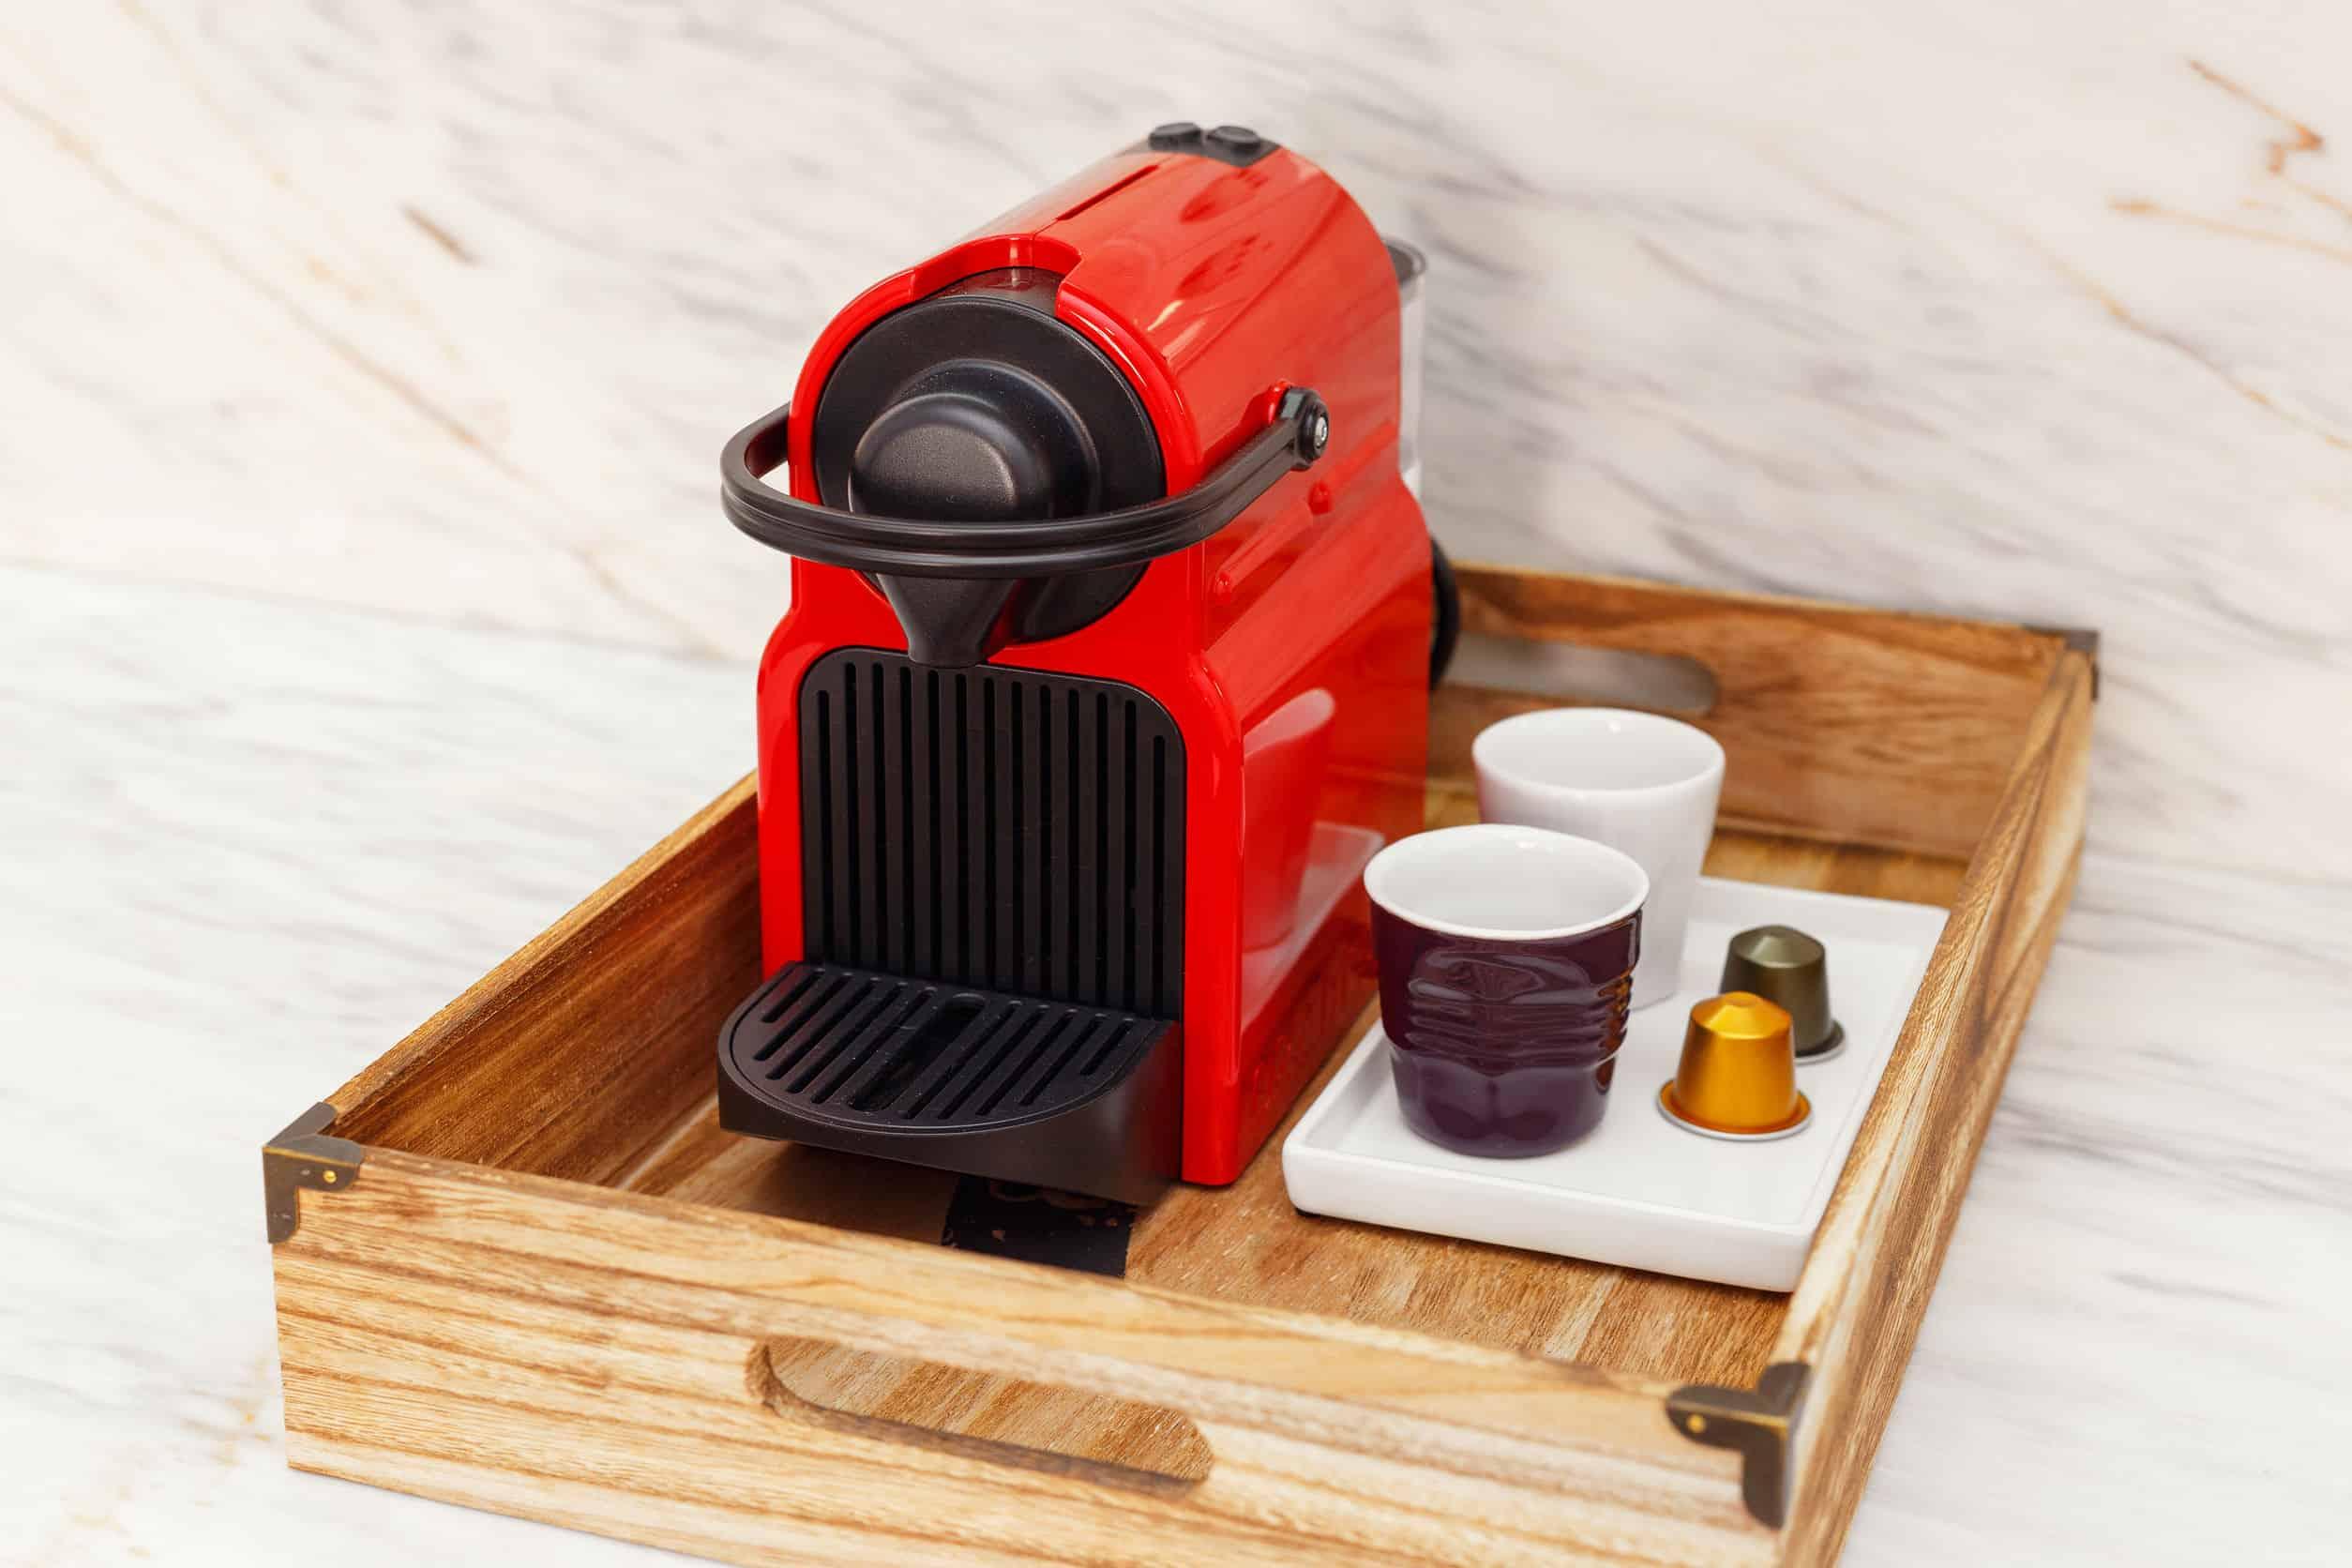 Cafeteira Nespresso com cápsulas de café e copos ao lado.